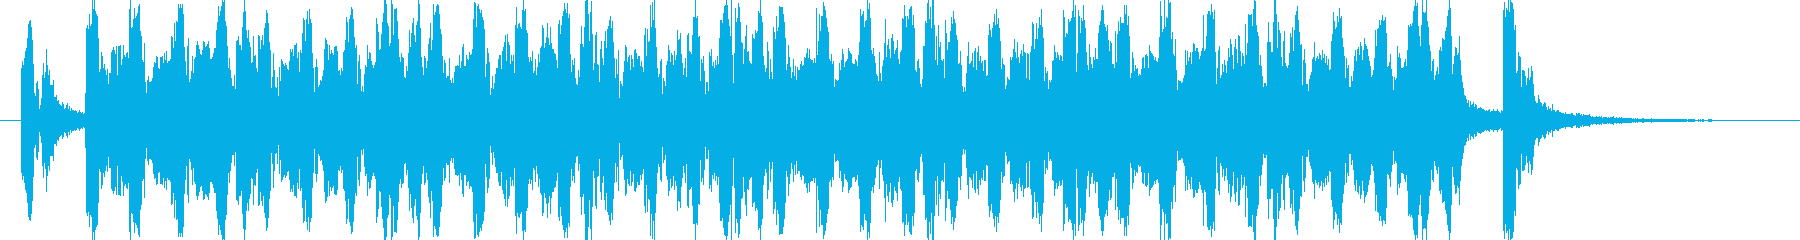 明るく可愛いポップな4つ打ち系ジングルの再生済みの波形